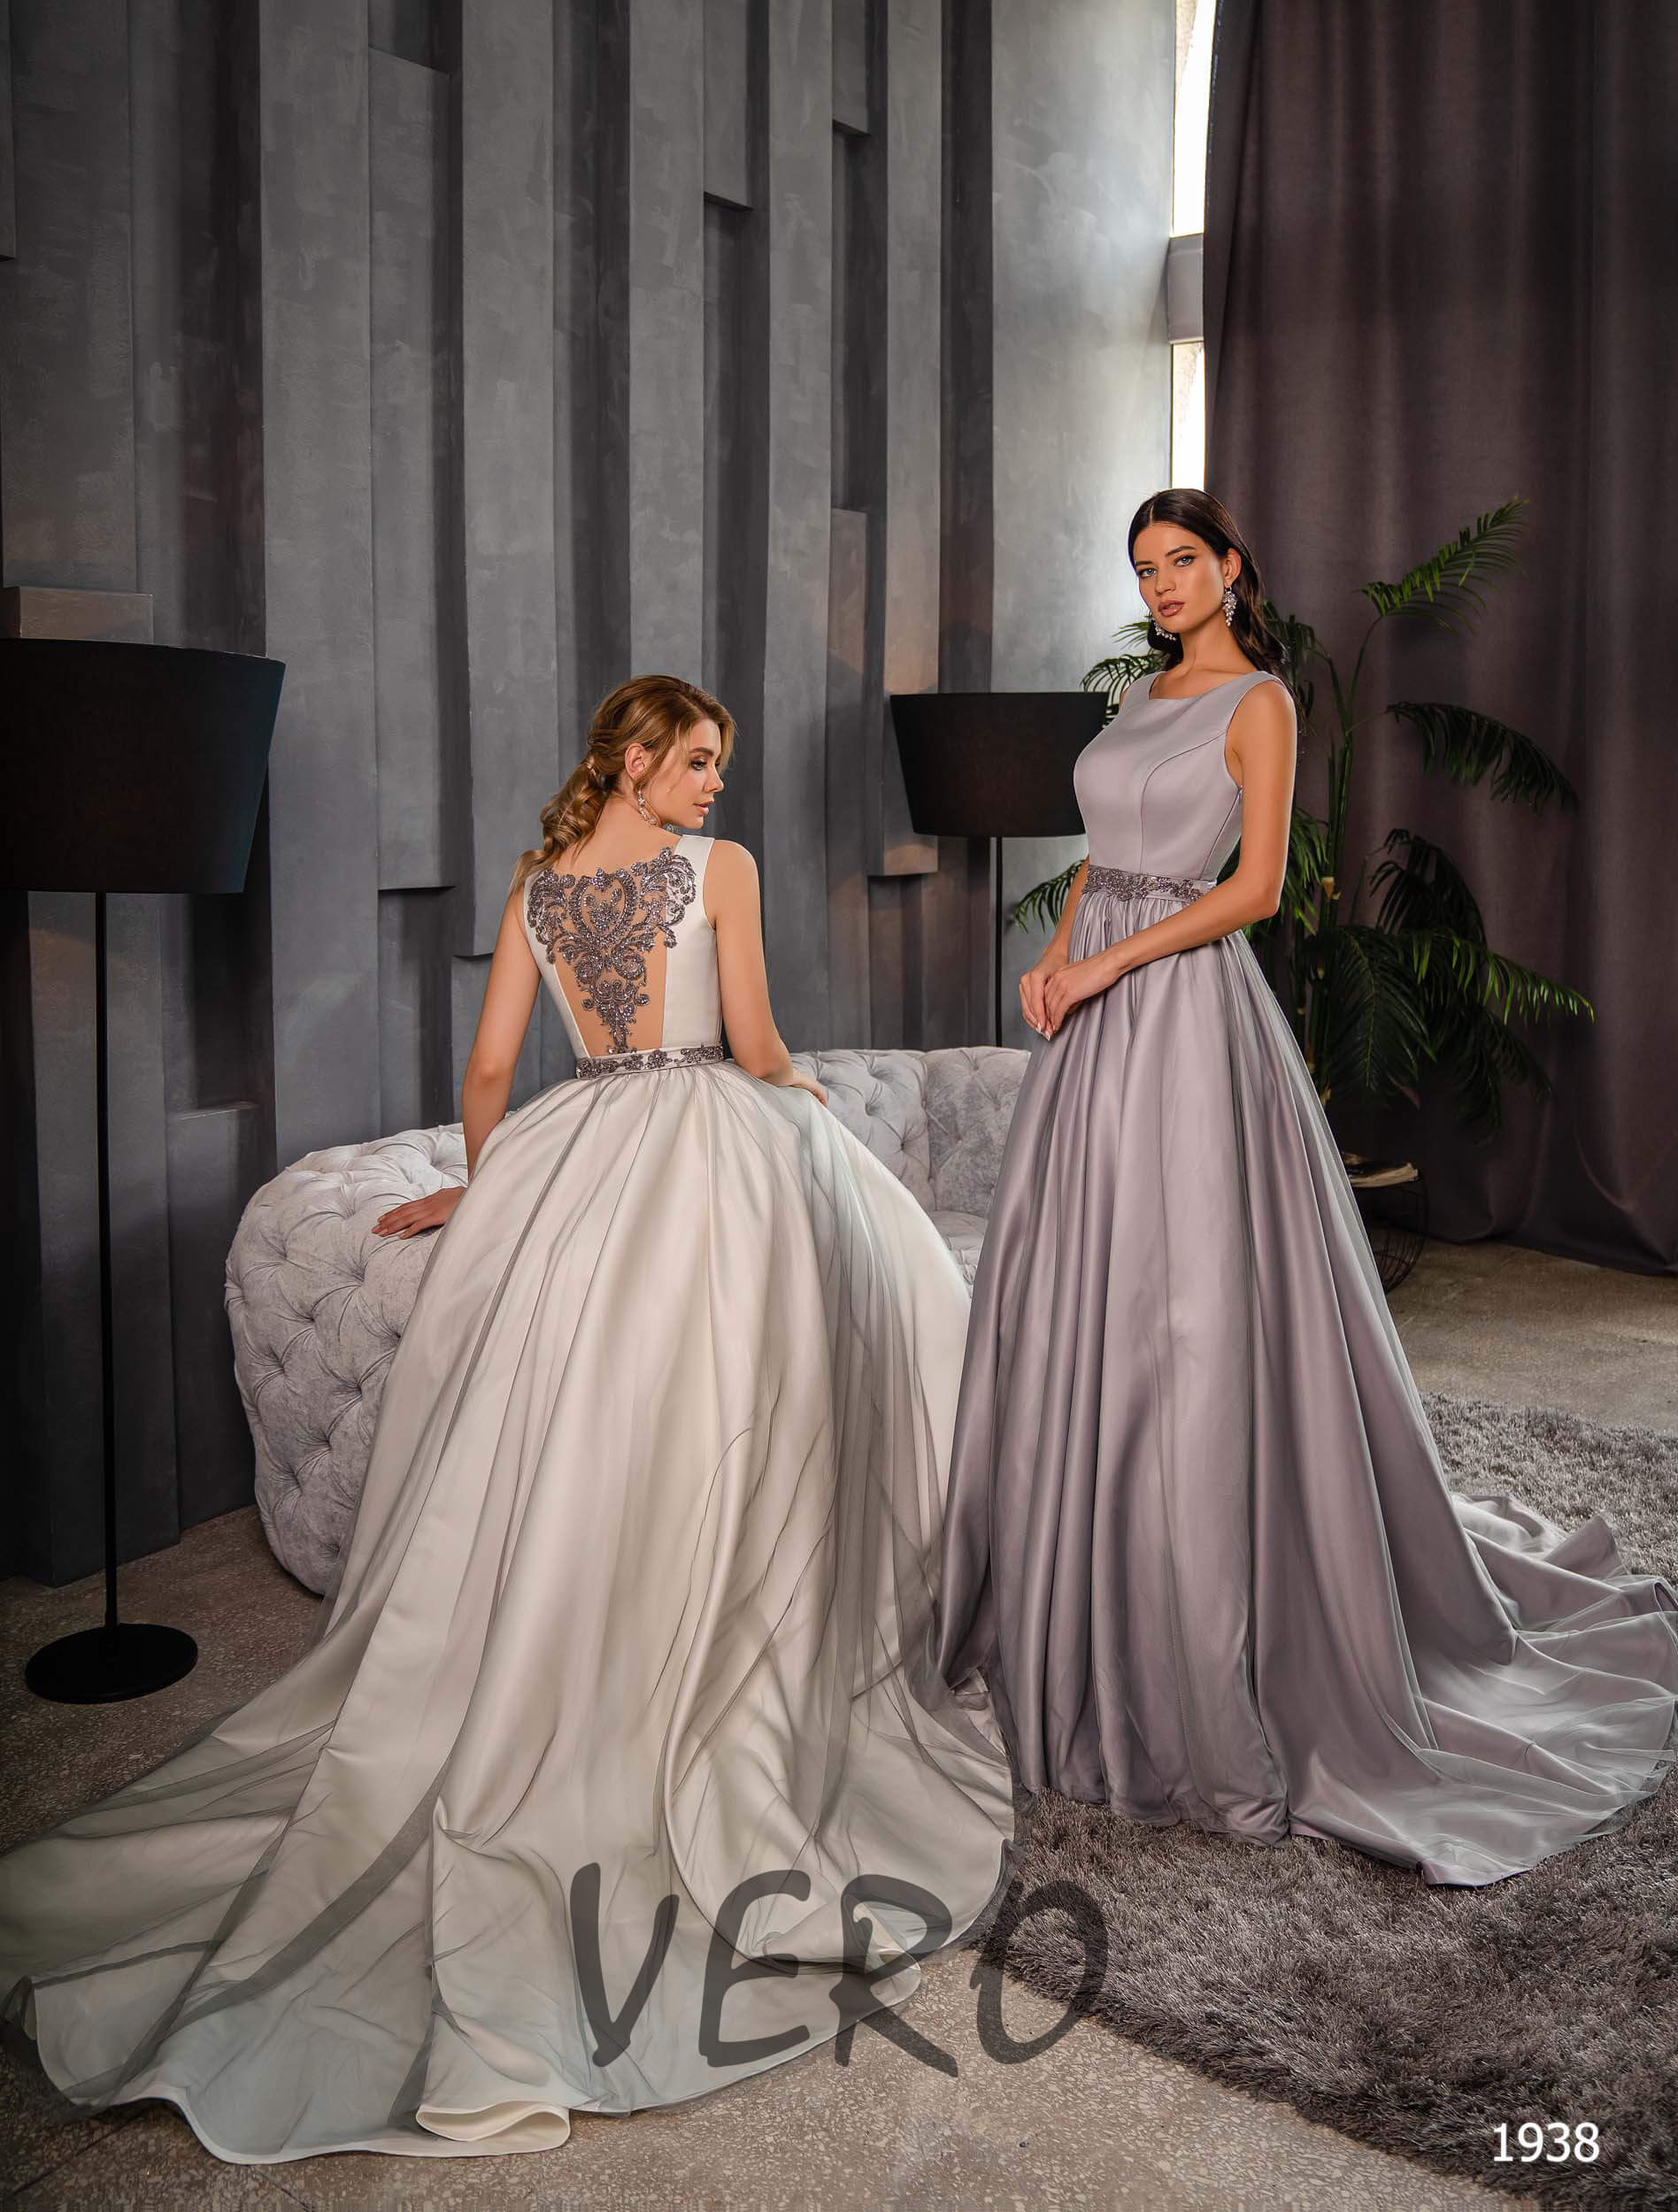 самые шикарные выпускные платья(1) | Vero